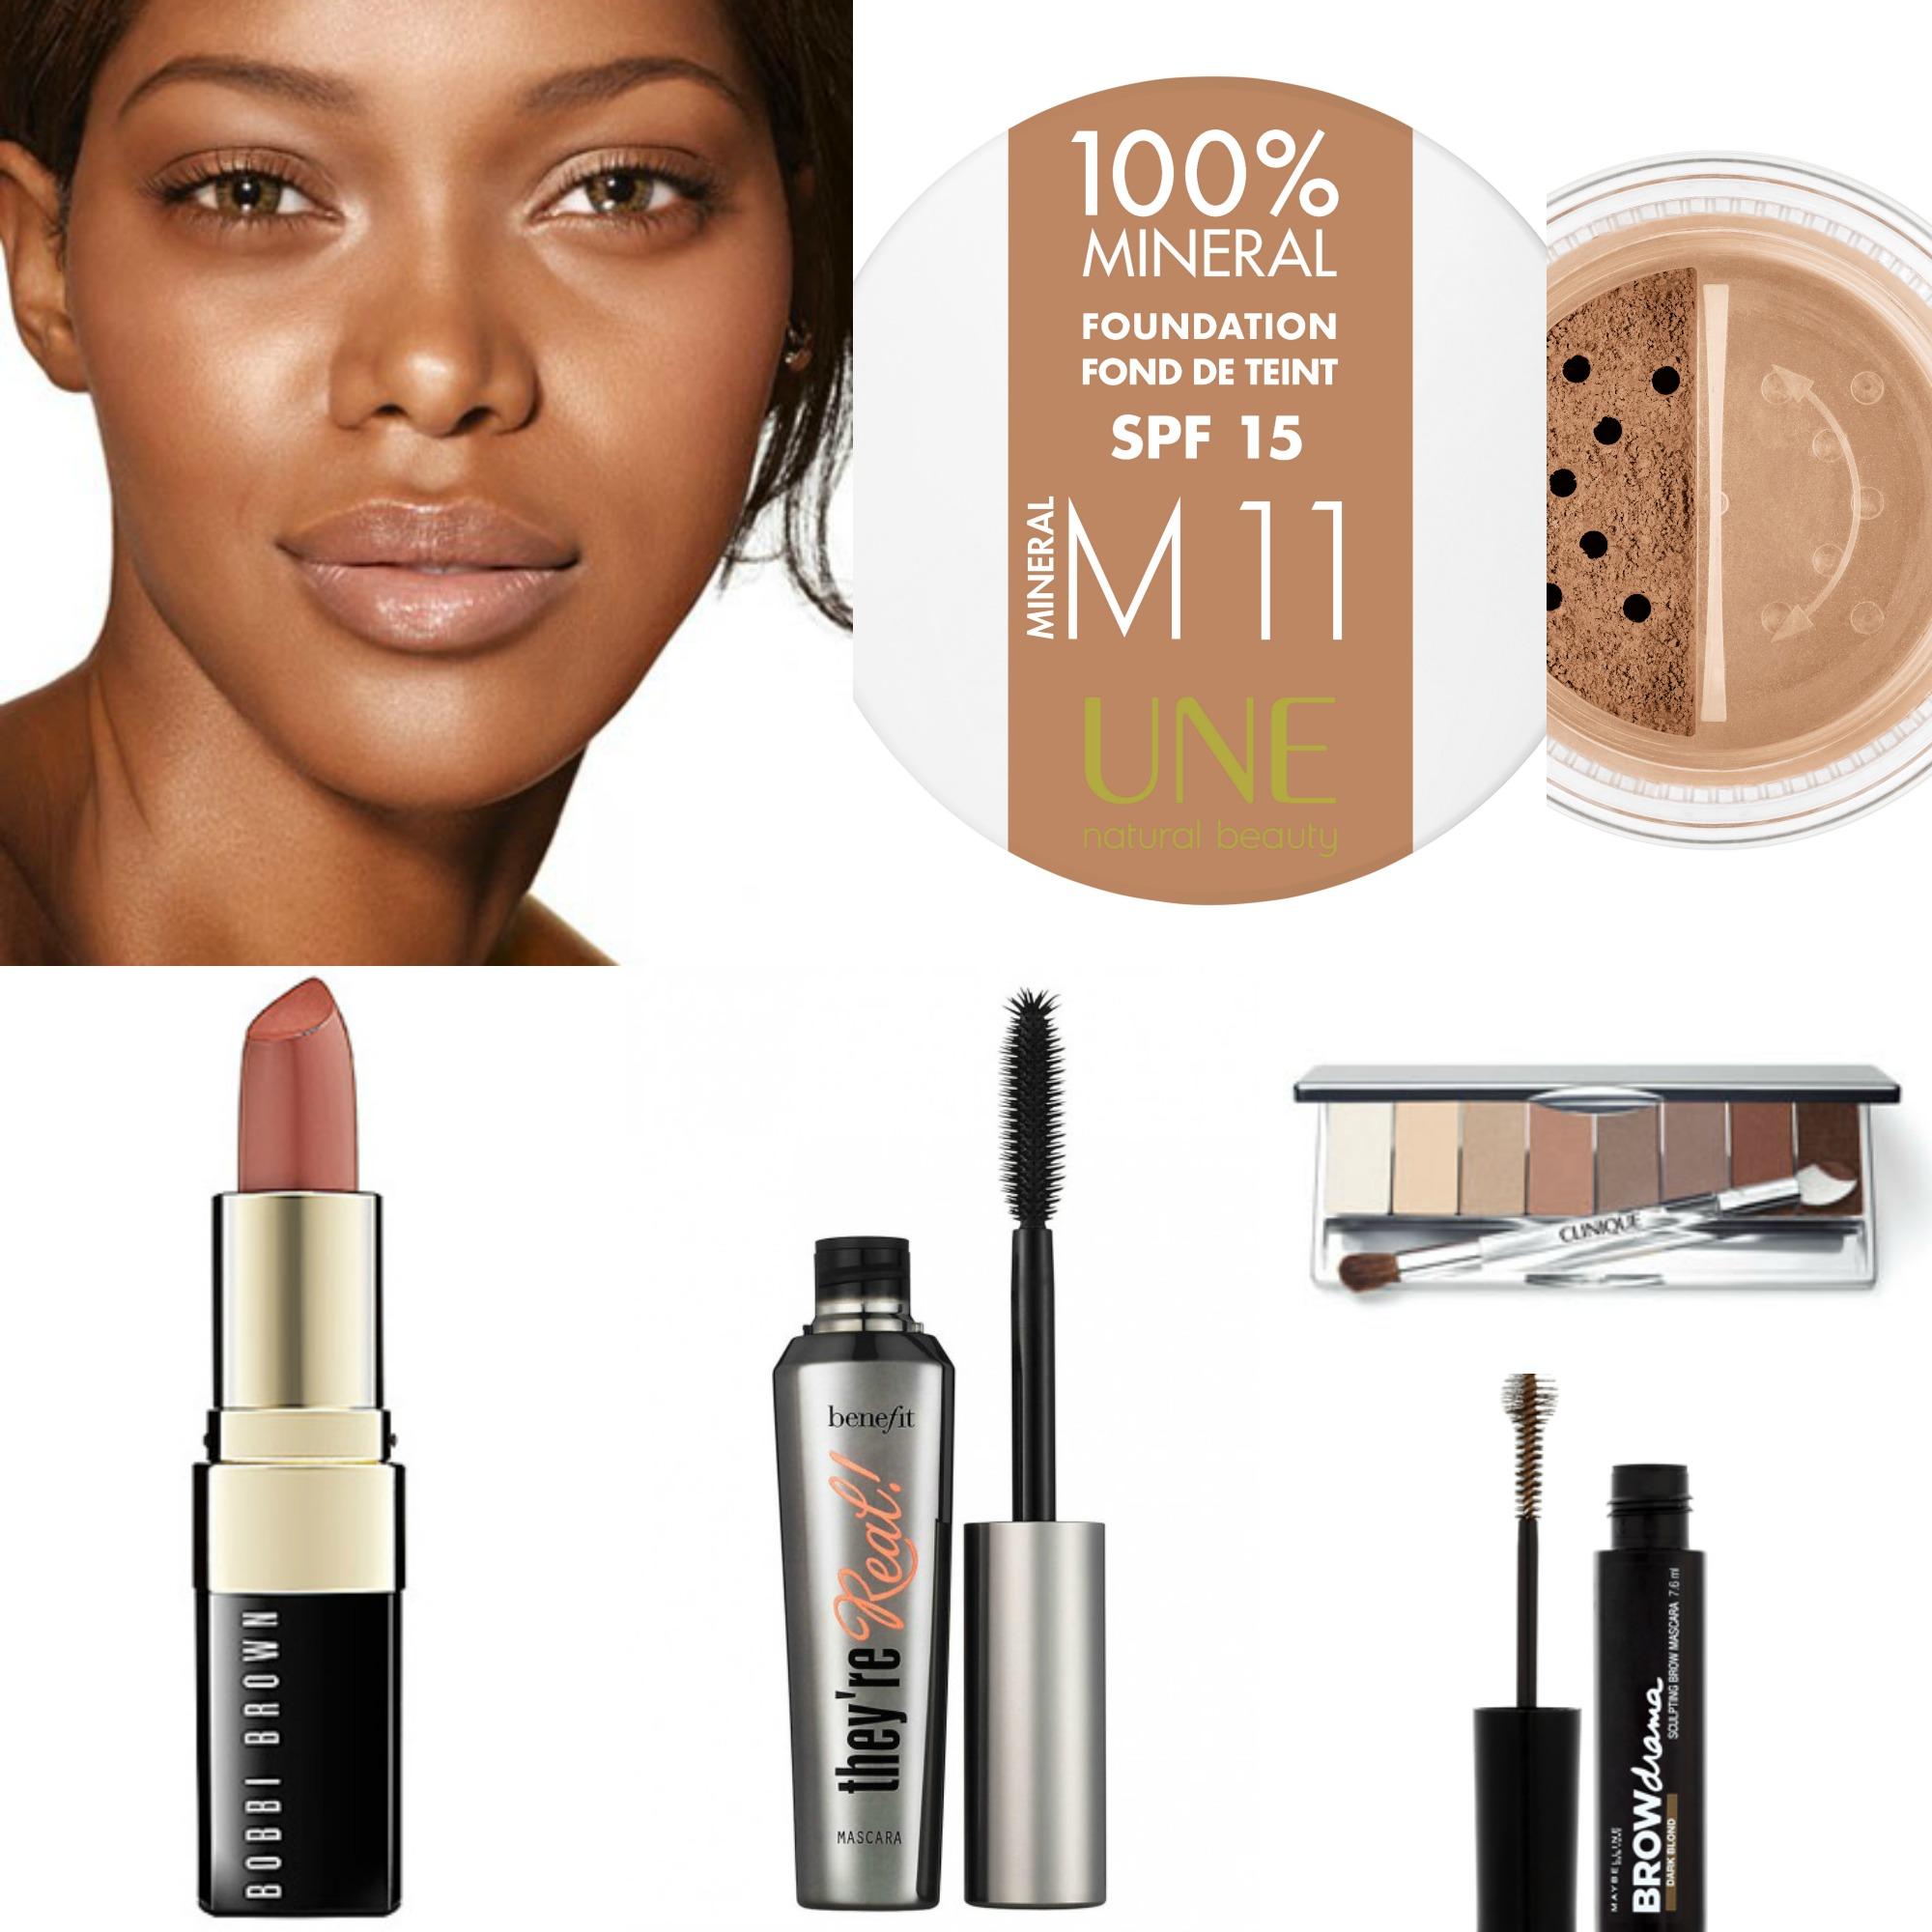 cosmetique peau noire